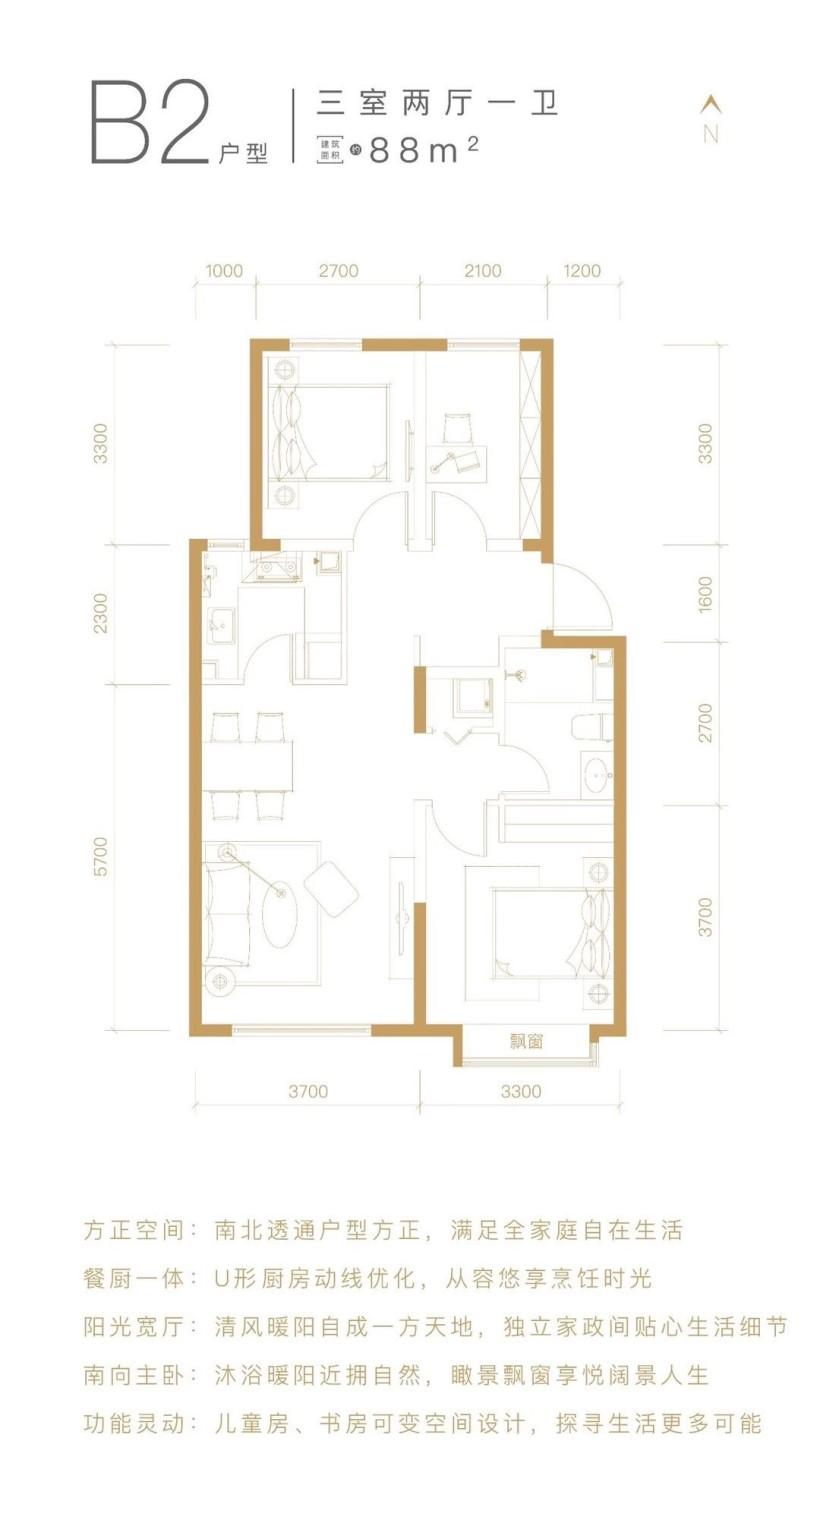 橡树珑湾 88平3居室